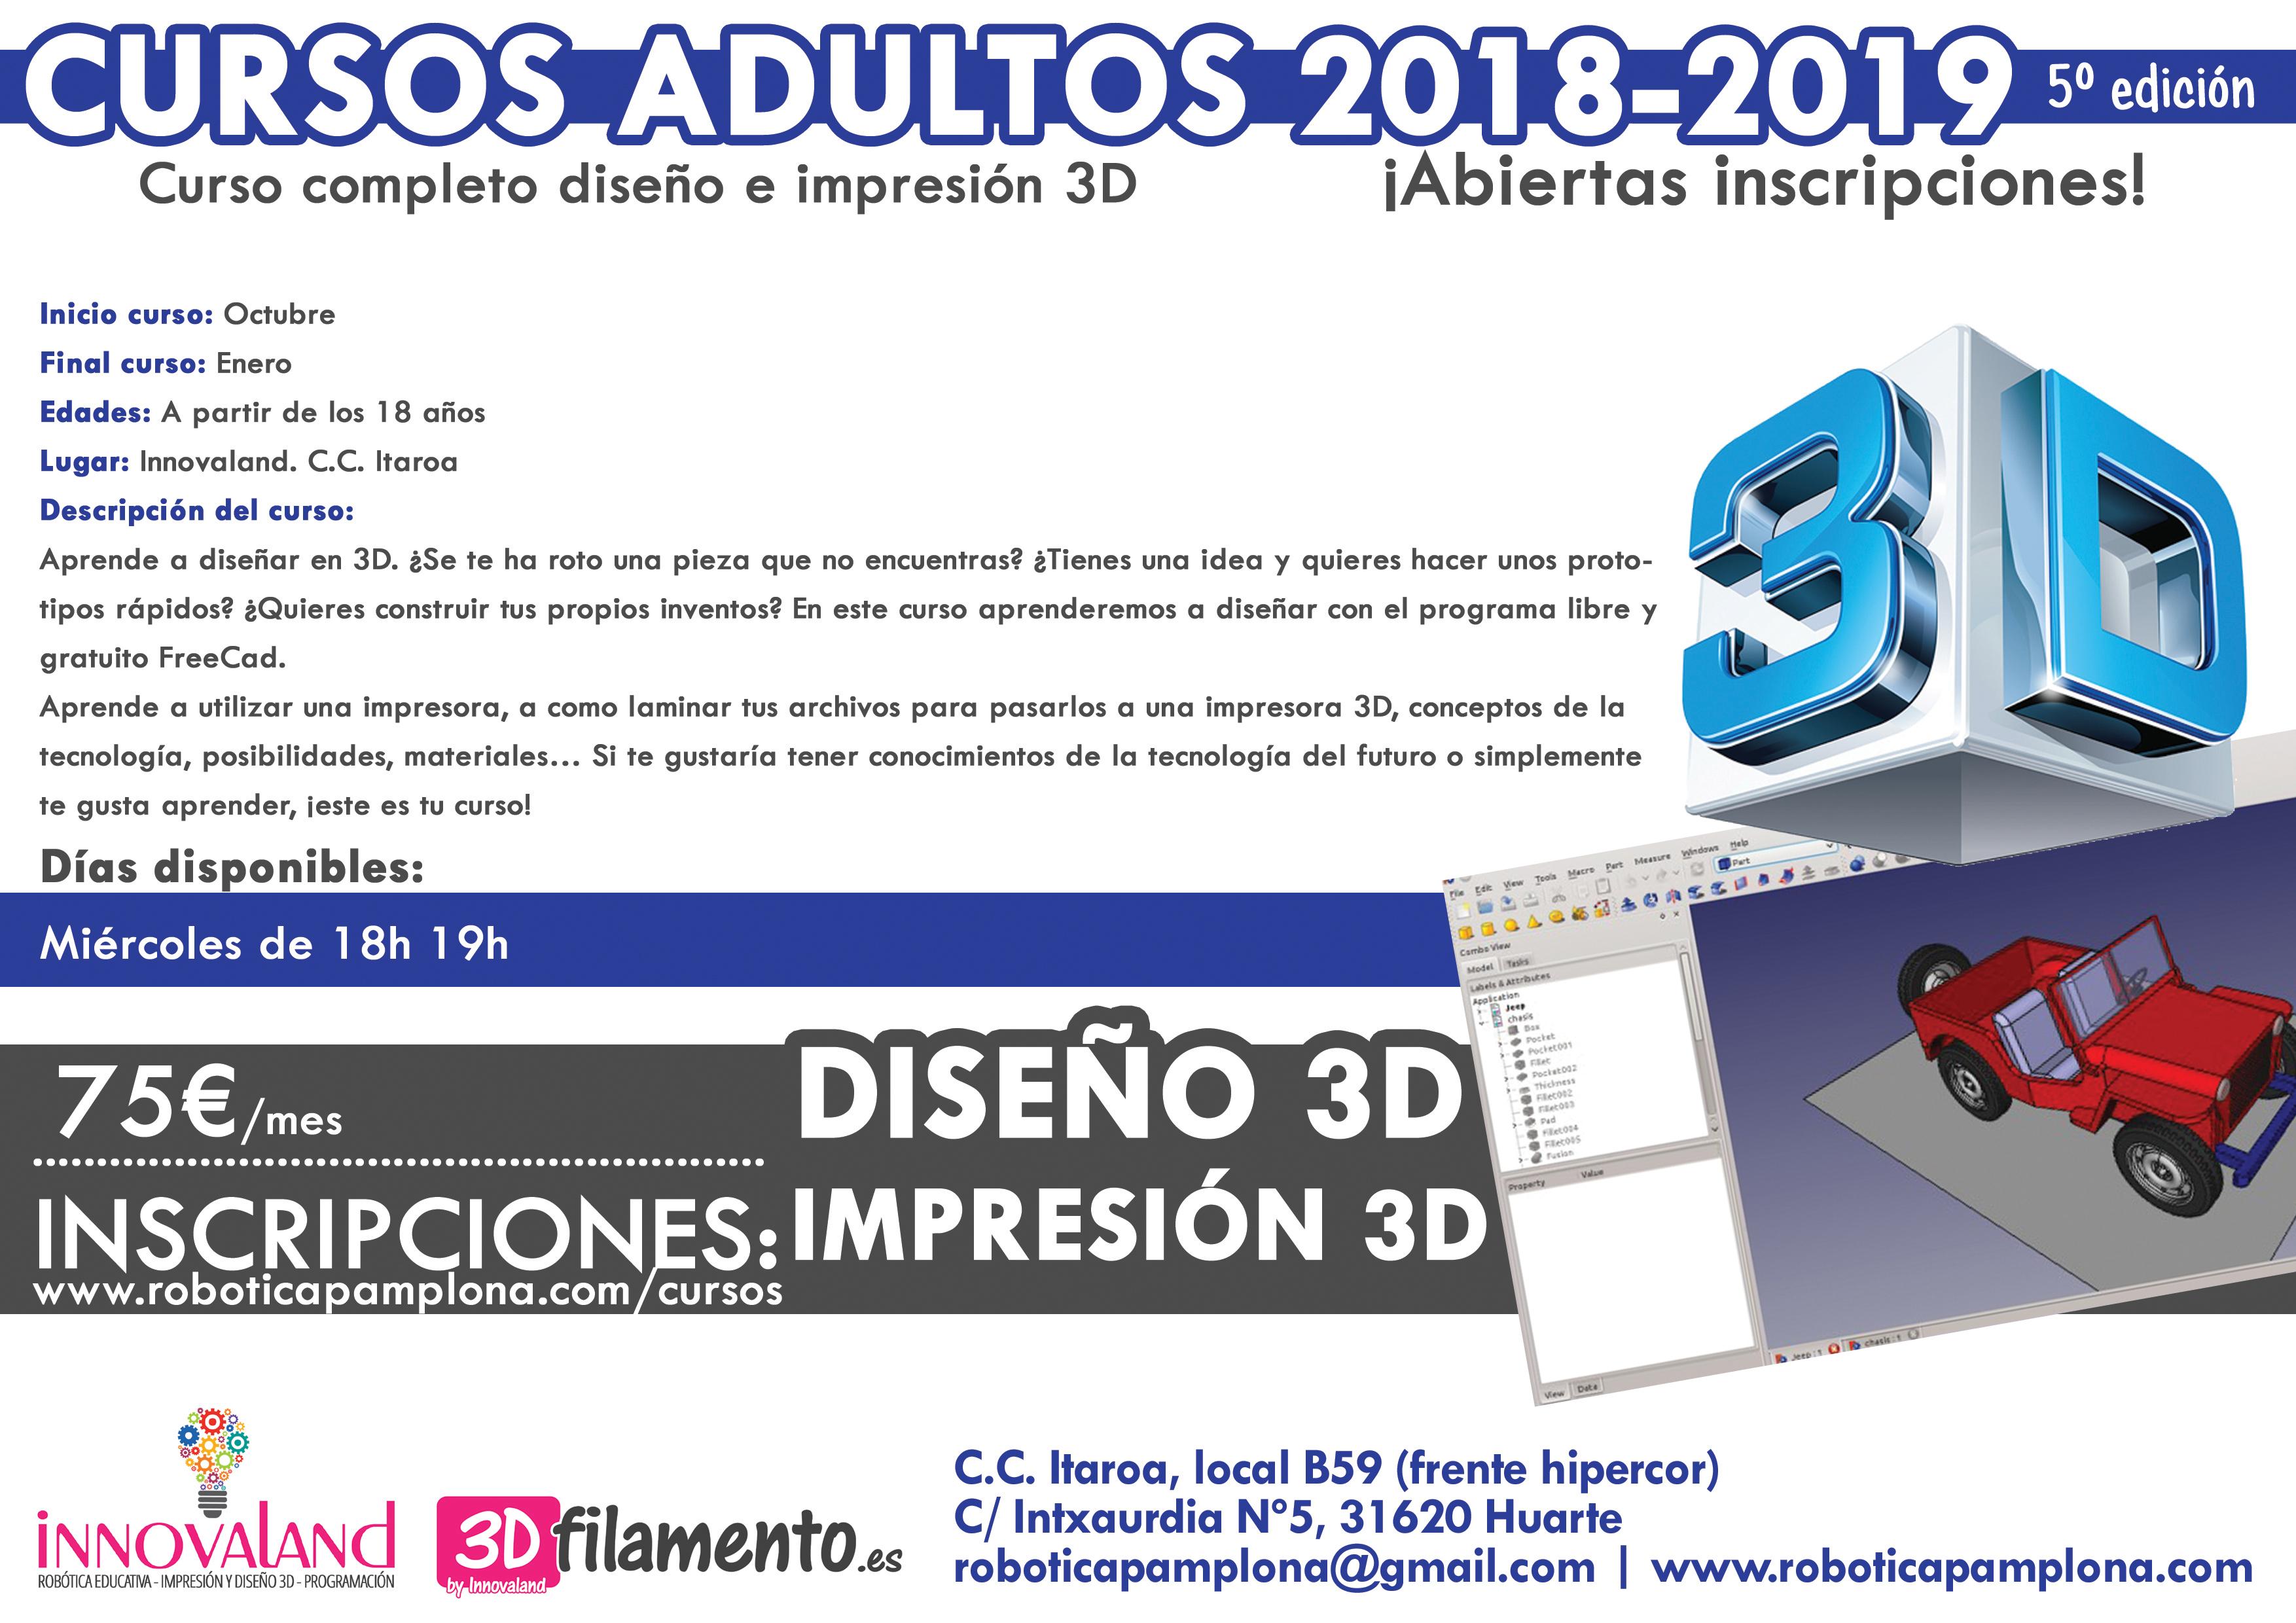 CURSO ADULTOS 3D 2018-2019